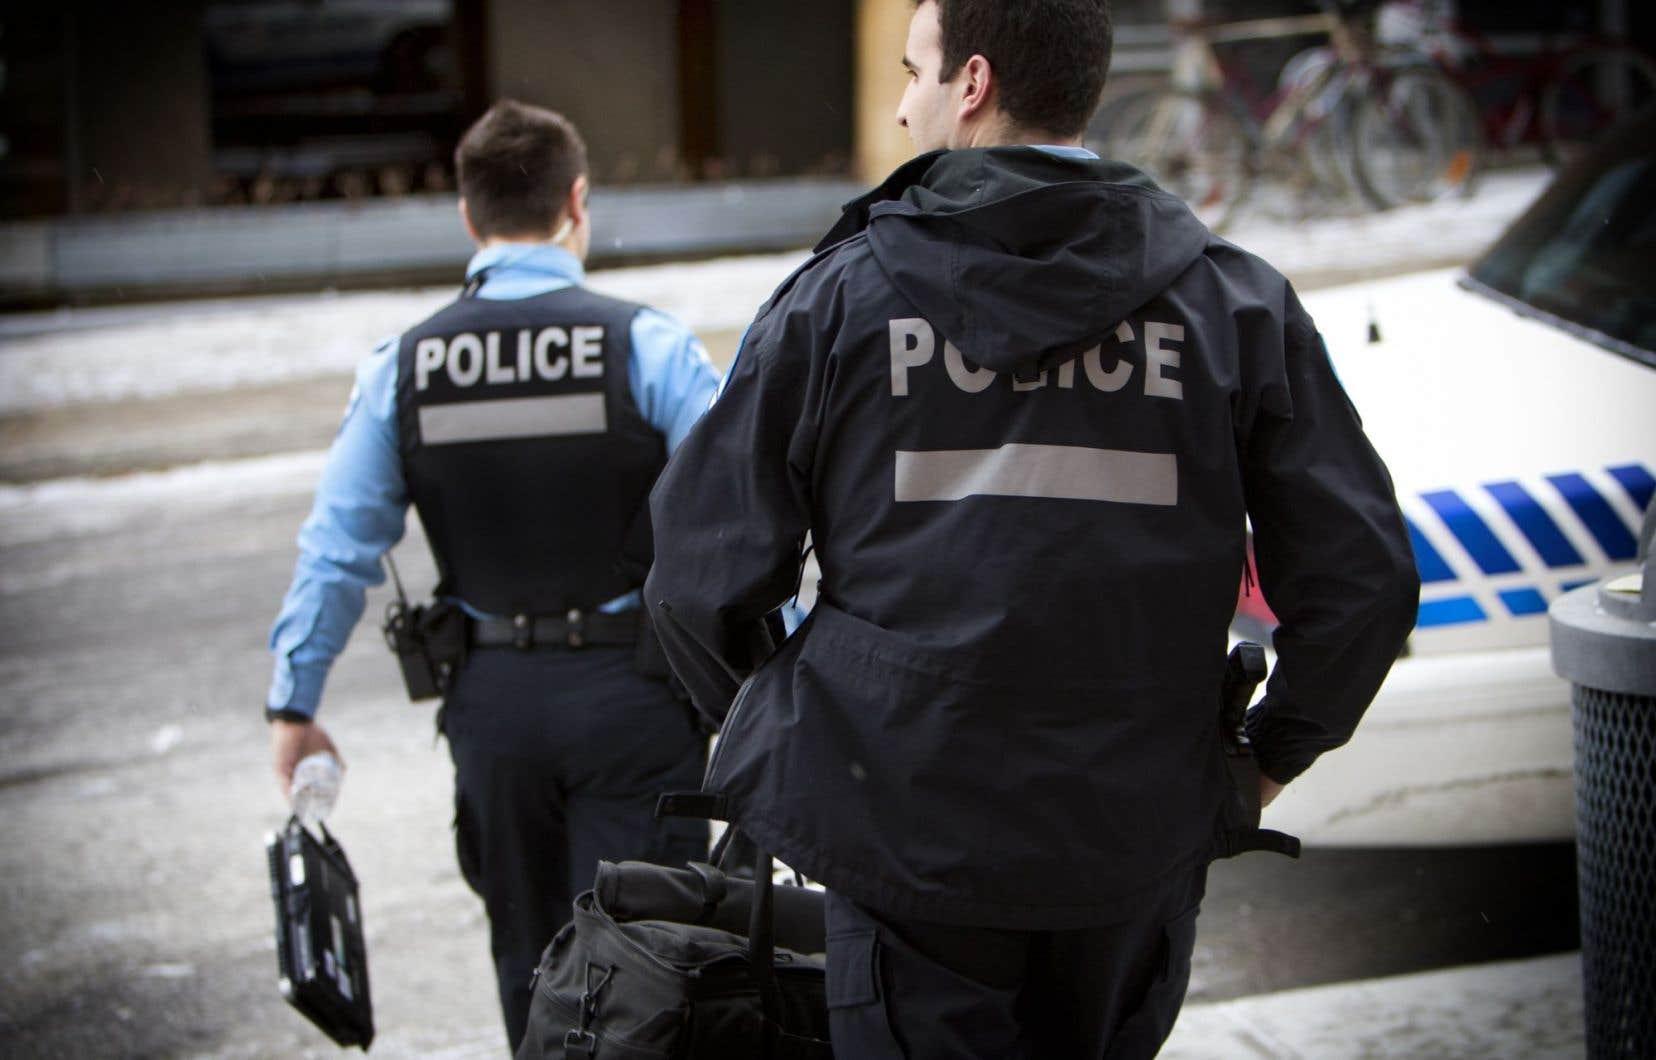 Le mandat de la commission est d'enquêter sur les pratiques policières en matière d'enquête susceptibles de porter atteinte au privilège protégeant les sources journalistiques.